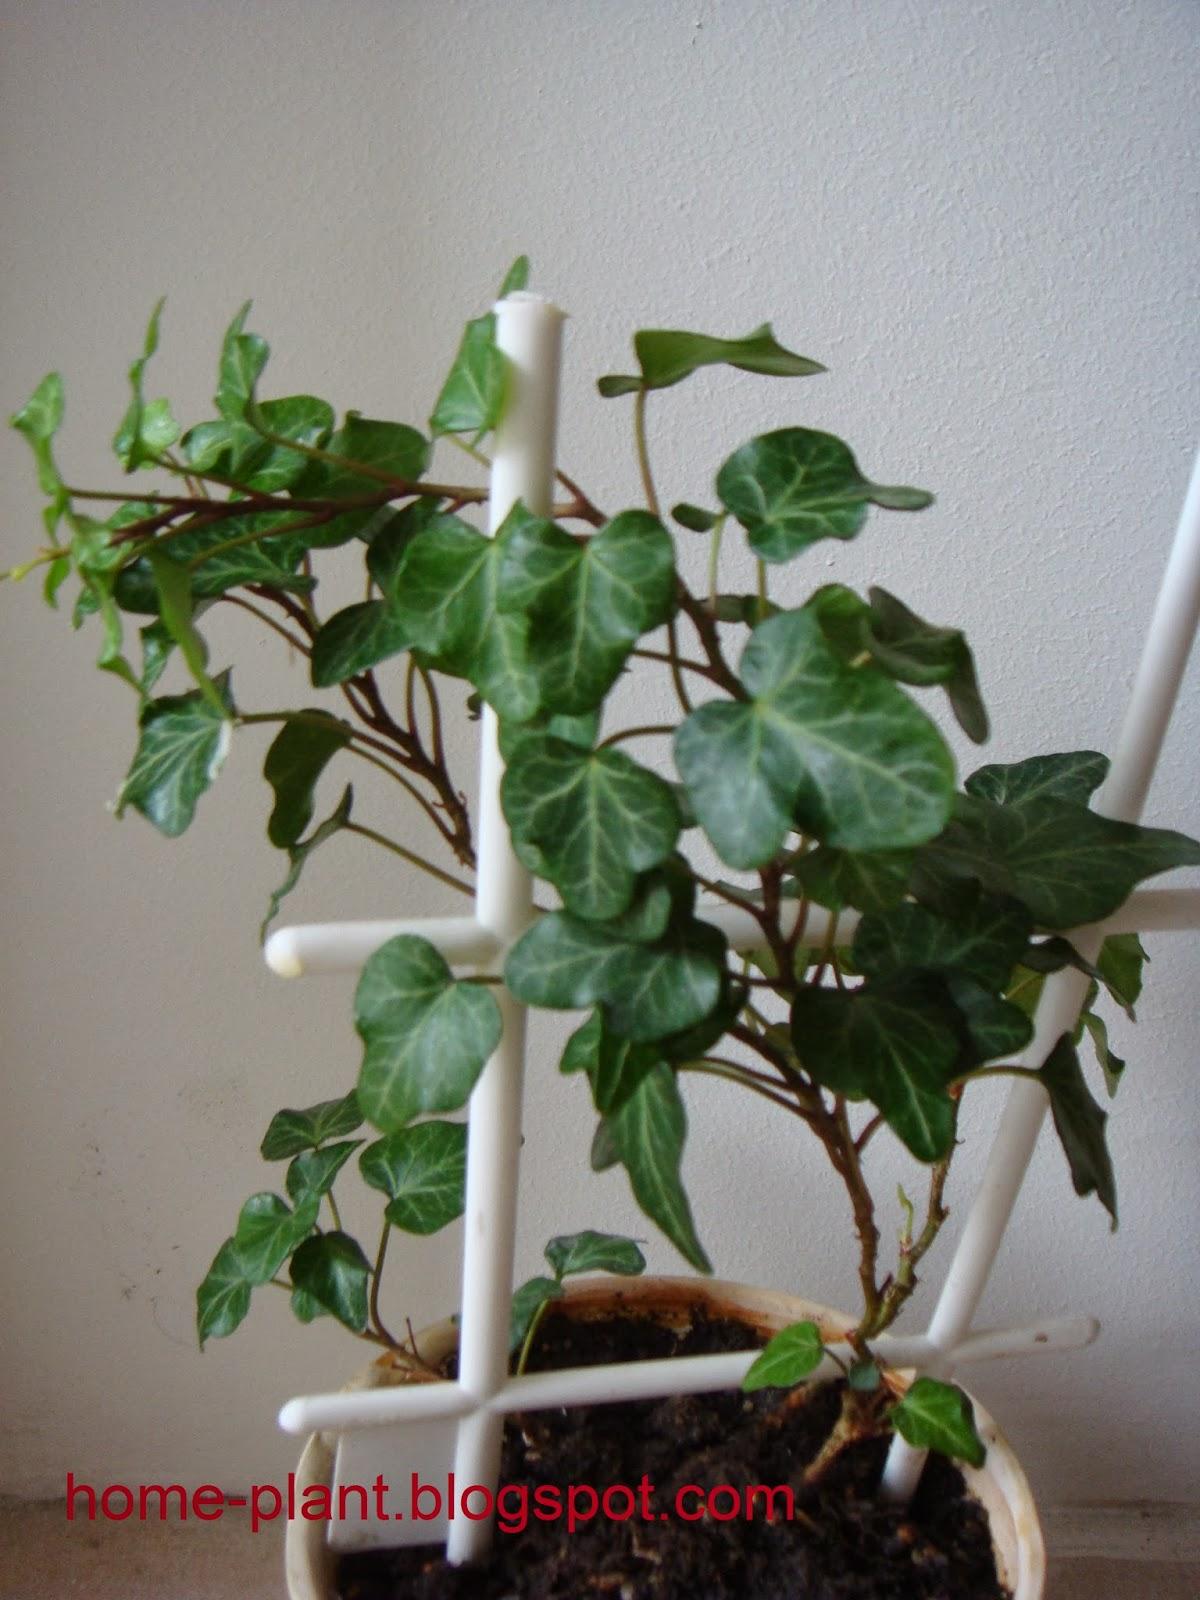 самых растение мужегон фото виде коллажа фотографиями